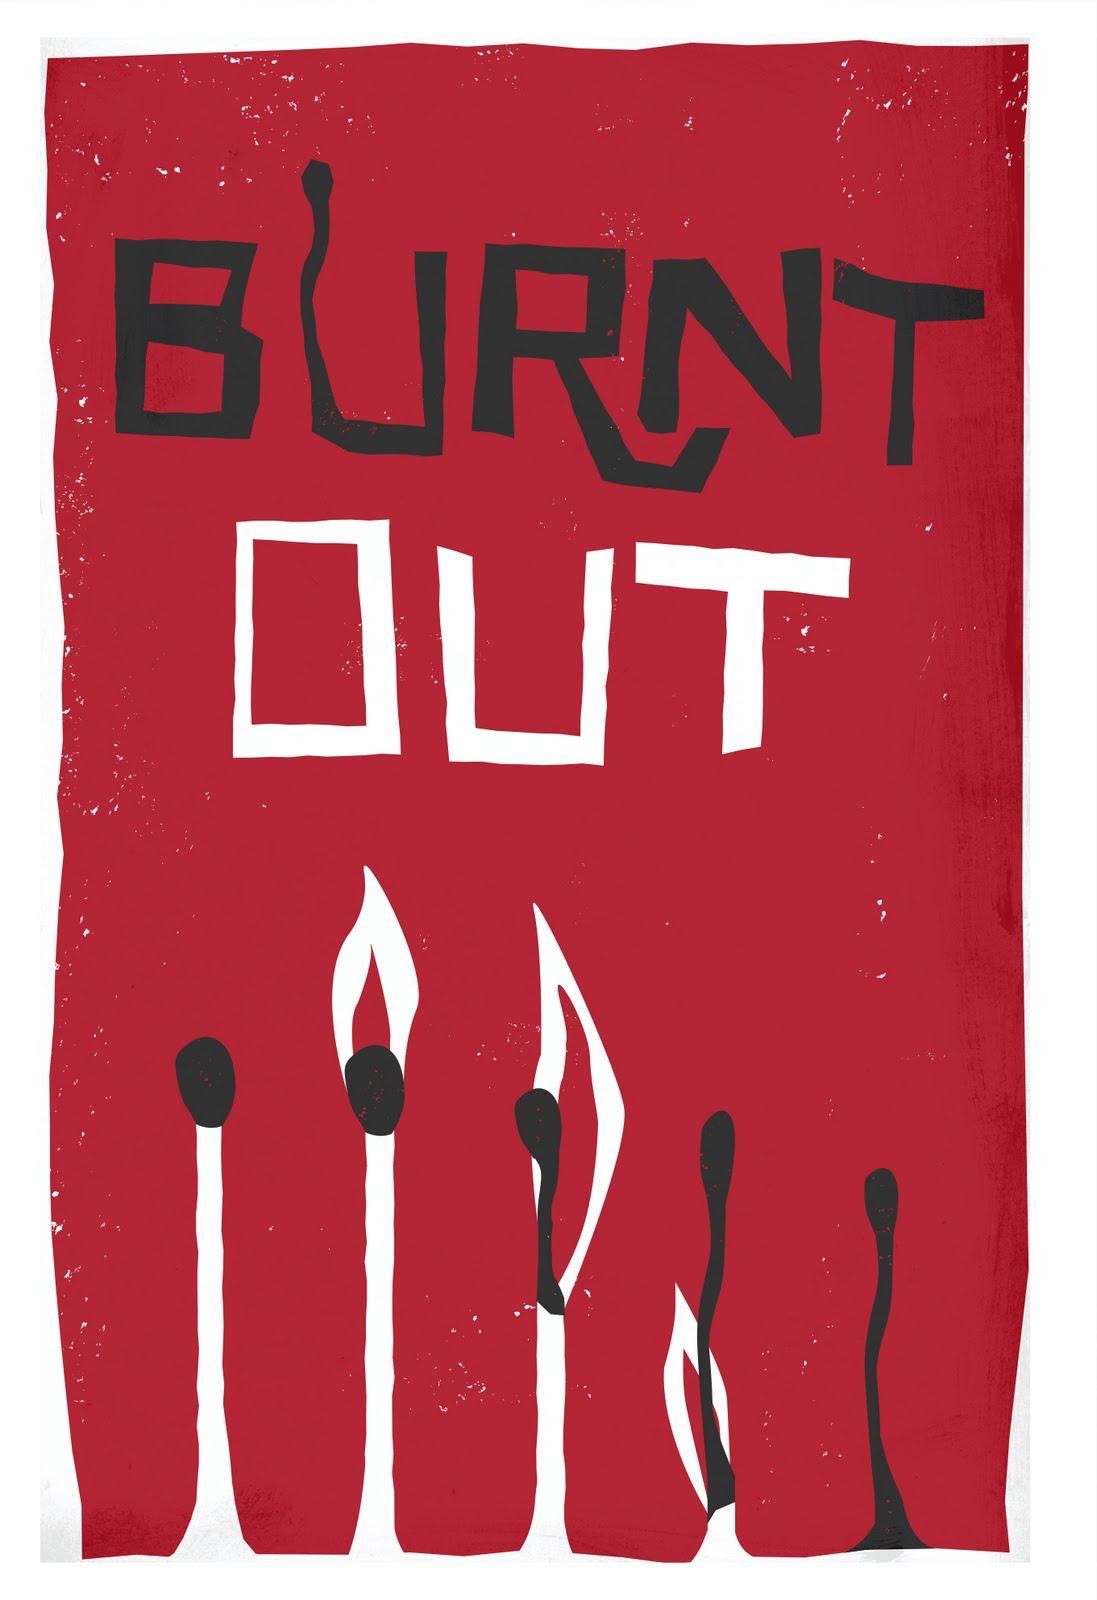 http://3.bp.blogspot.com/_sMLP9e9FzNk/TN7NvcodqLI/AAAAAAAAAY8/E17npxyc6ok/s1600/burnt+out.jpg